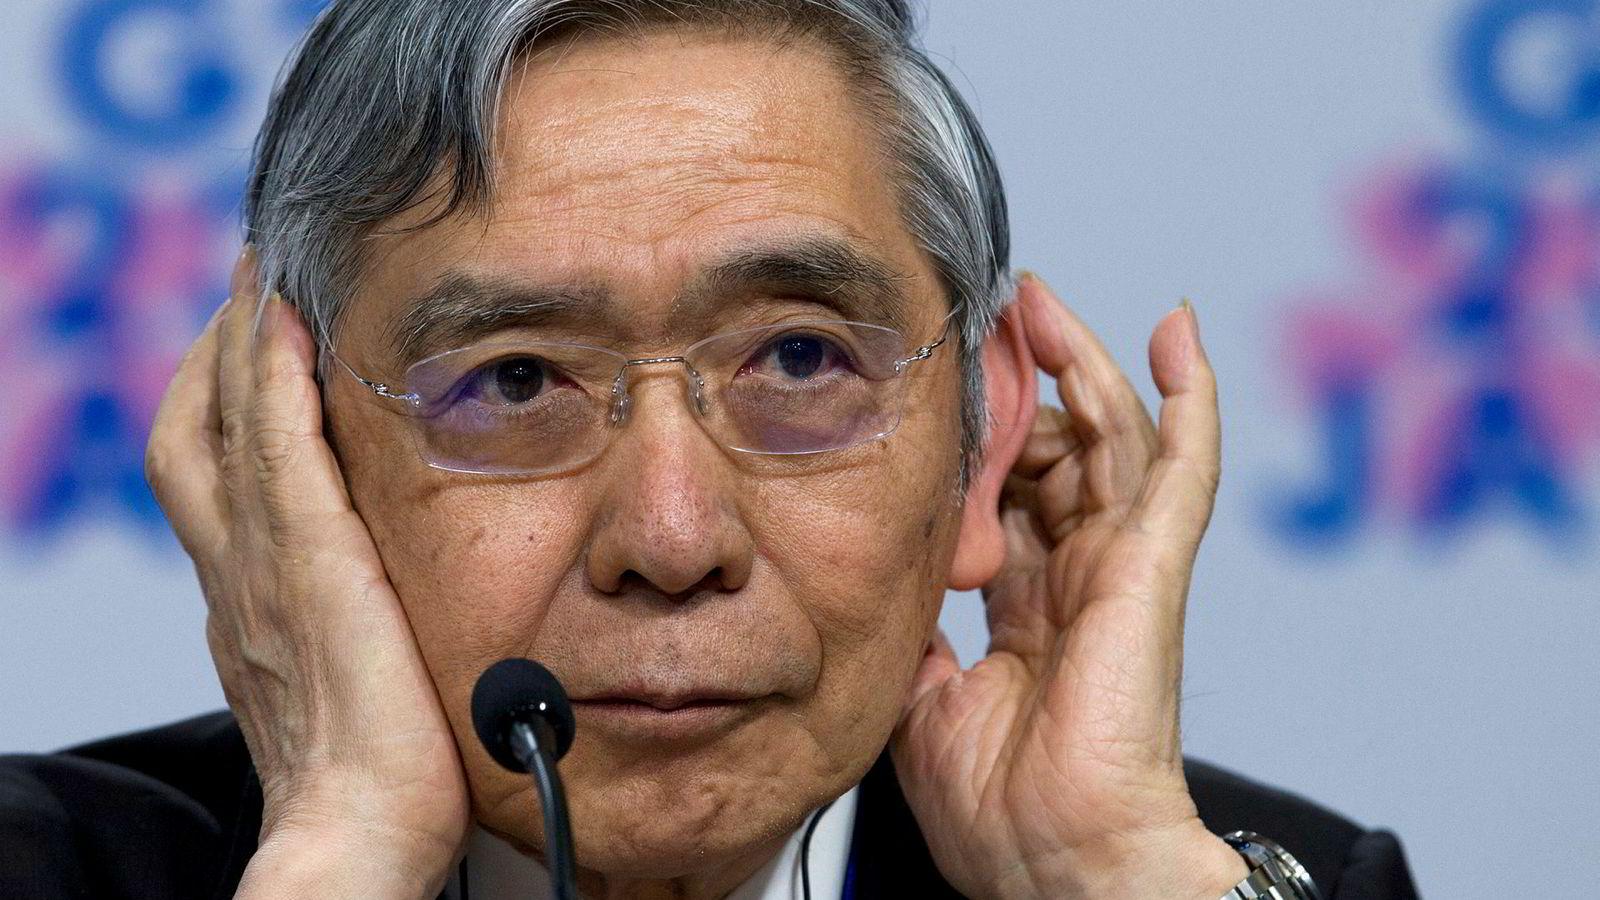 Den japanske sentralbanken er bekymret for økt proteksjonisme i verdensøkonomien. Mye avhenger av hva som skjer i handelsforhandlingene mellom Kina og USA de neste dagene.